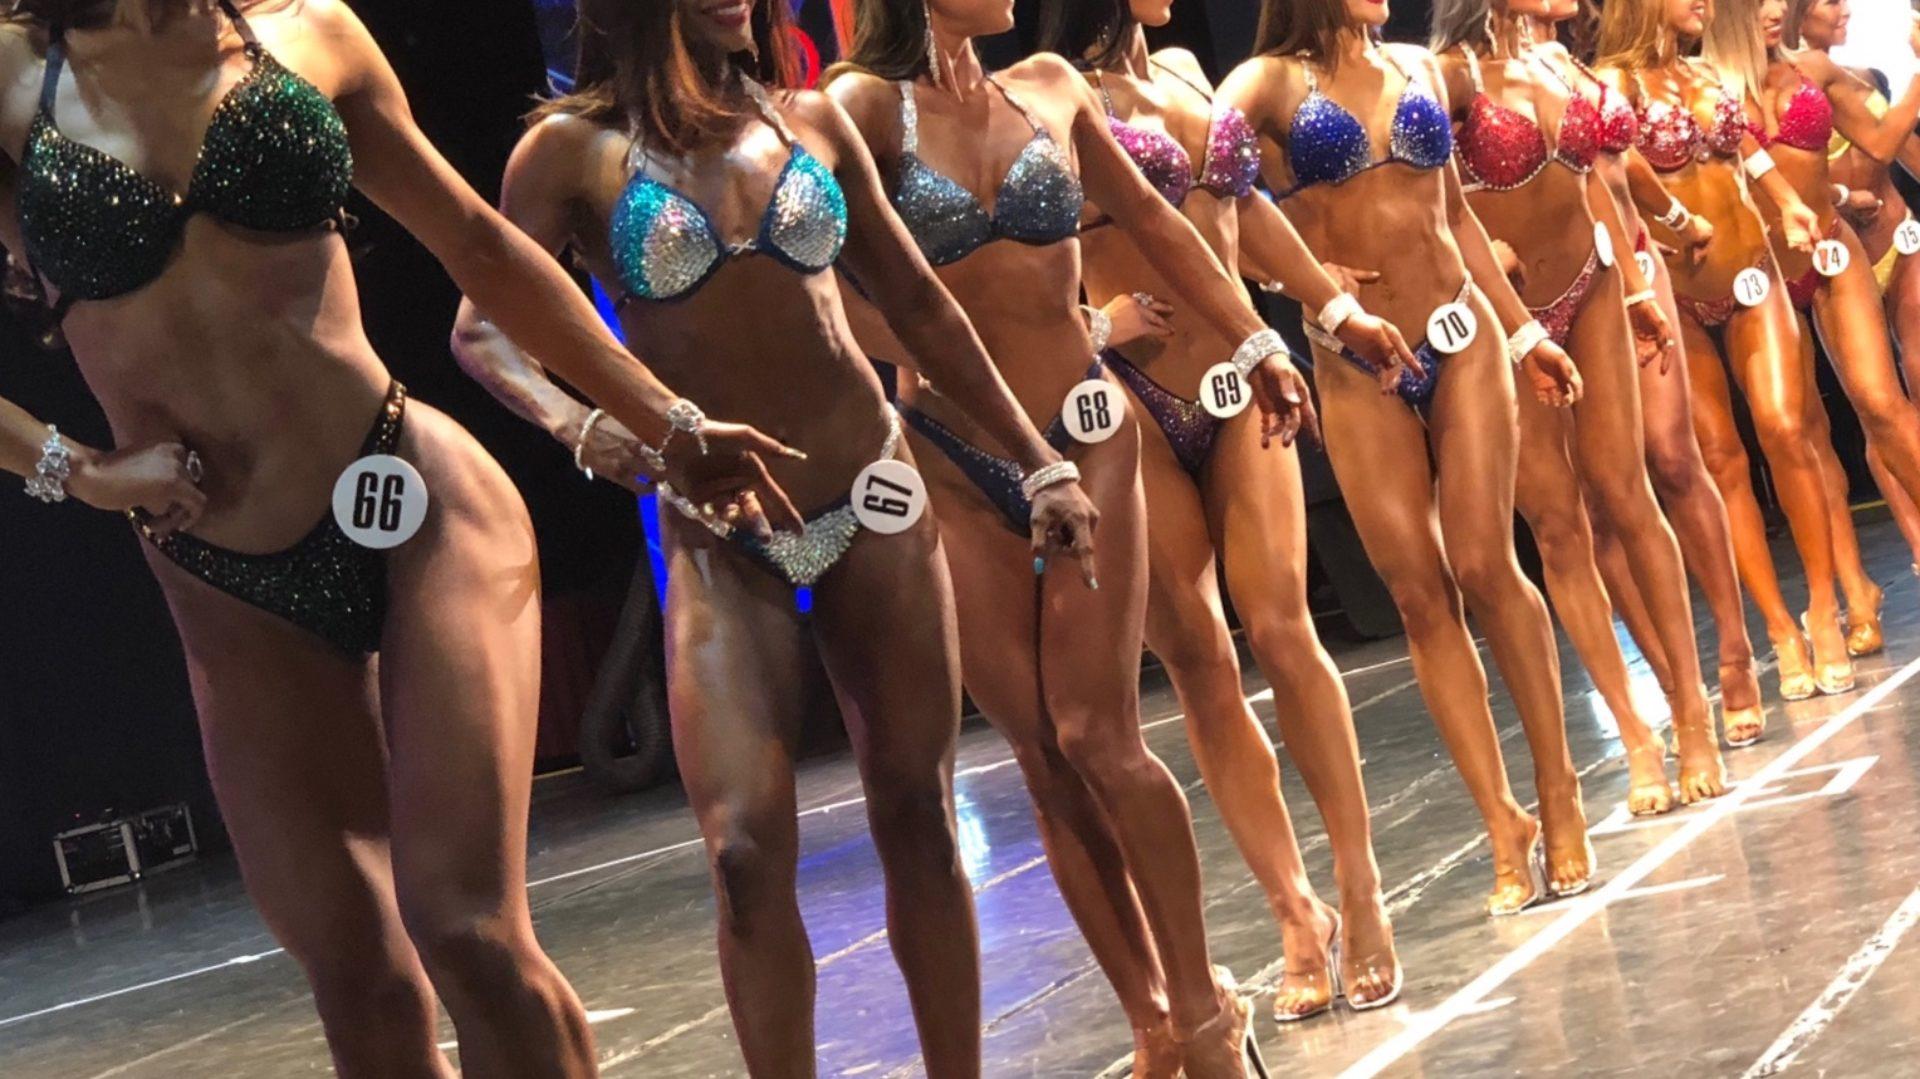 Leaners Bikini